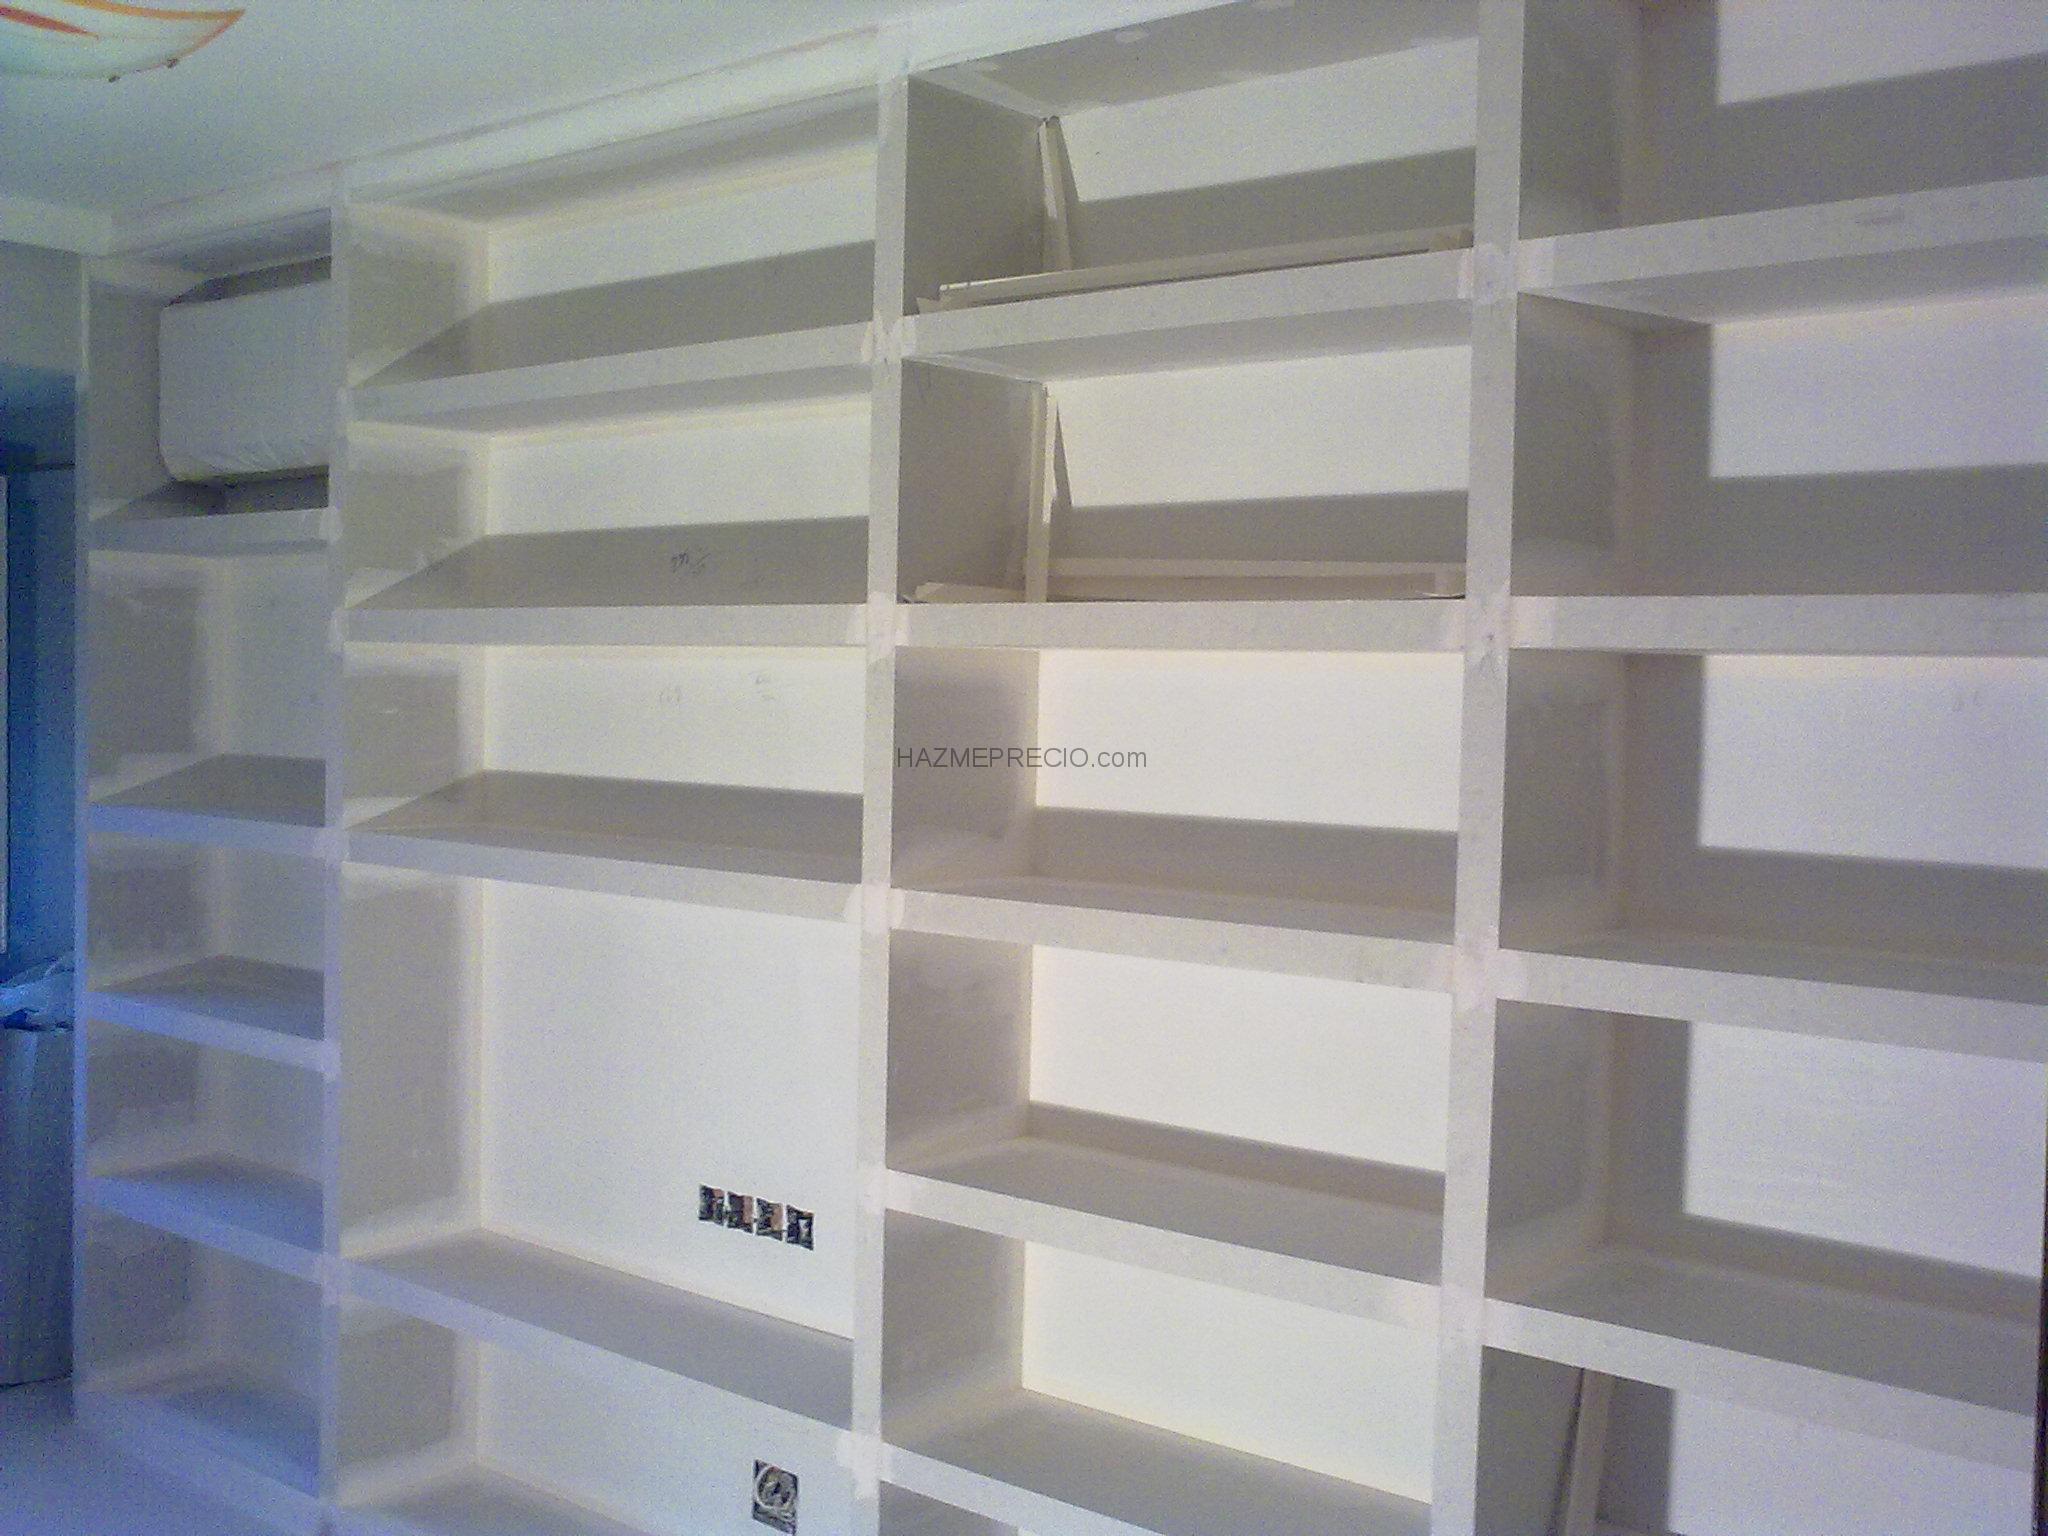 Reforma piso zaragoza - Precio pladur colocado ...